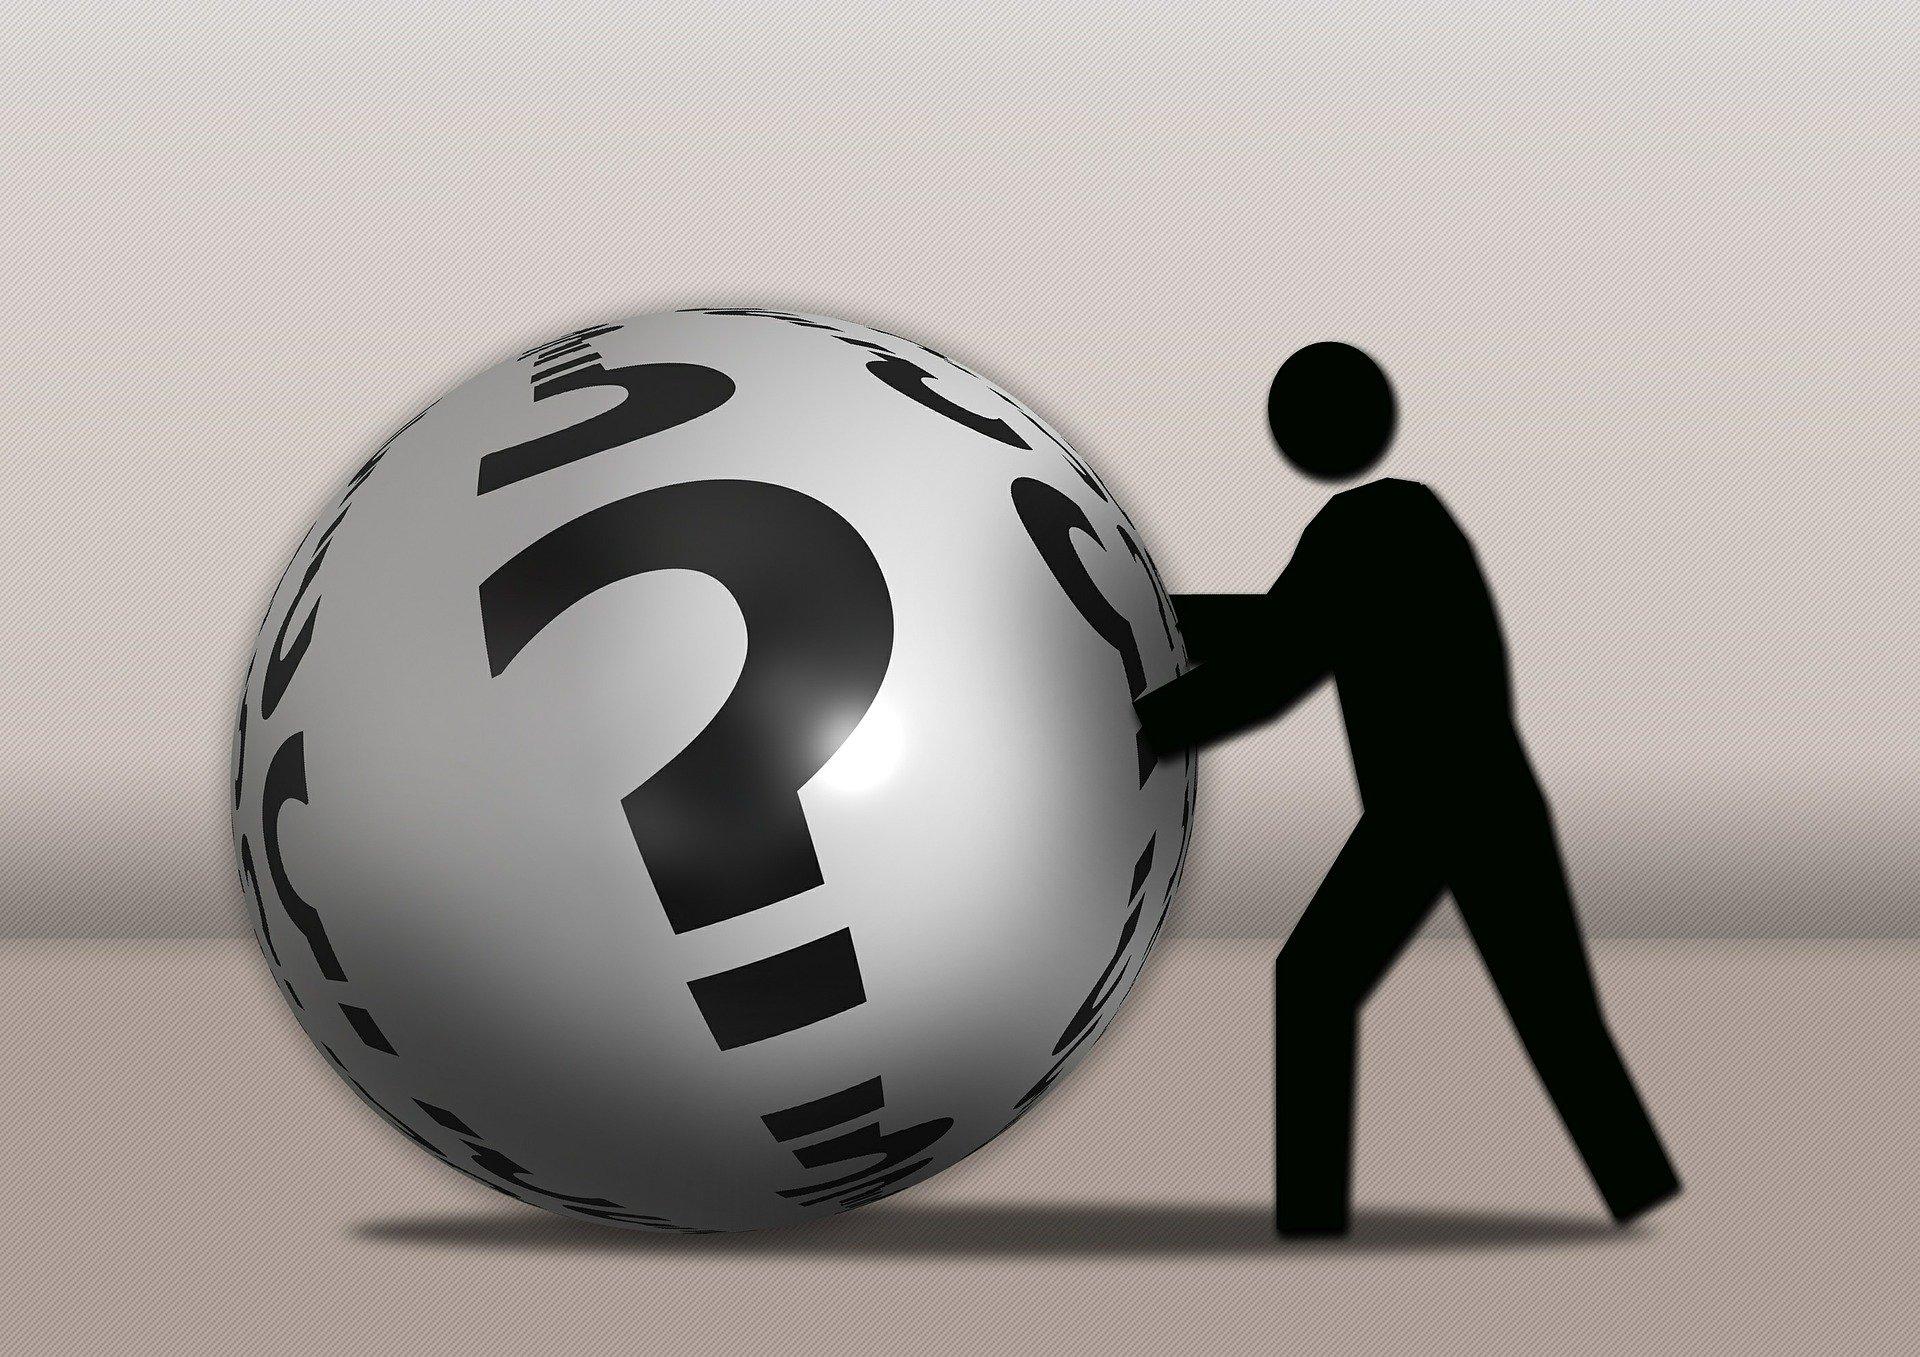 Так хто ж повинен оприлюднювати річний план закупівель у формі відкритих даних: замовники чи Уповноважений орган?